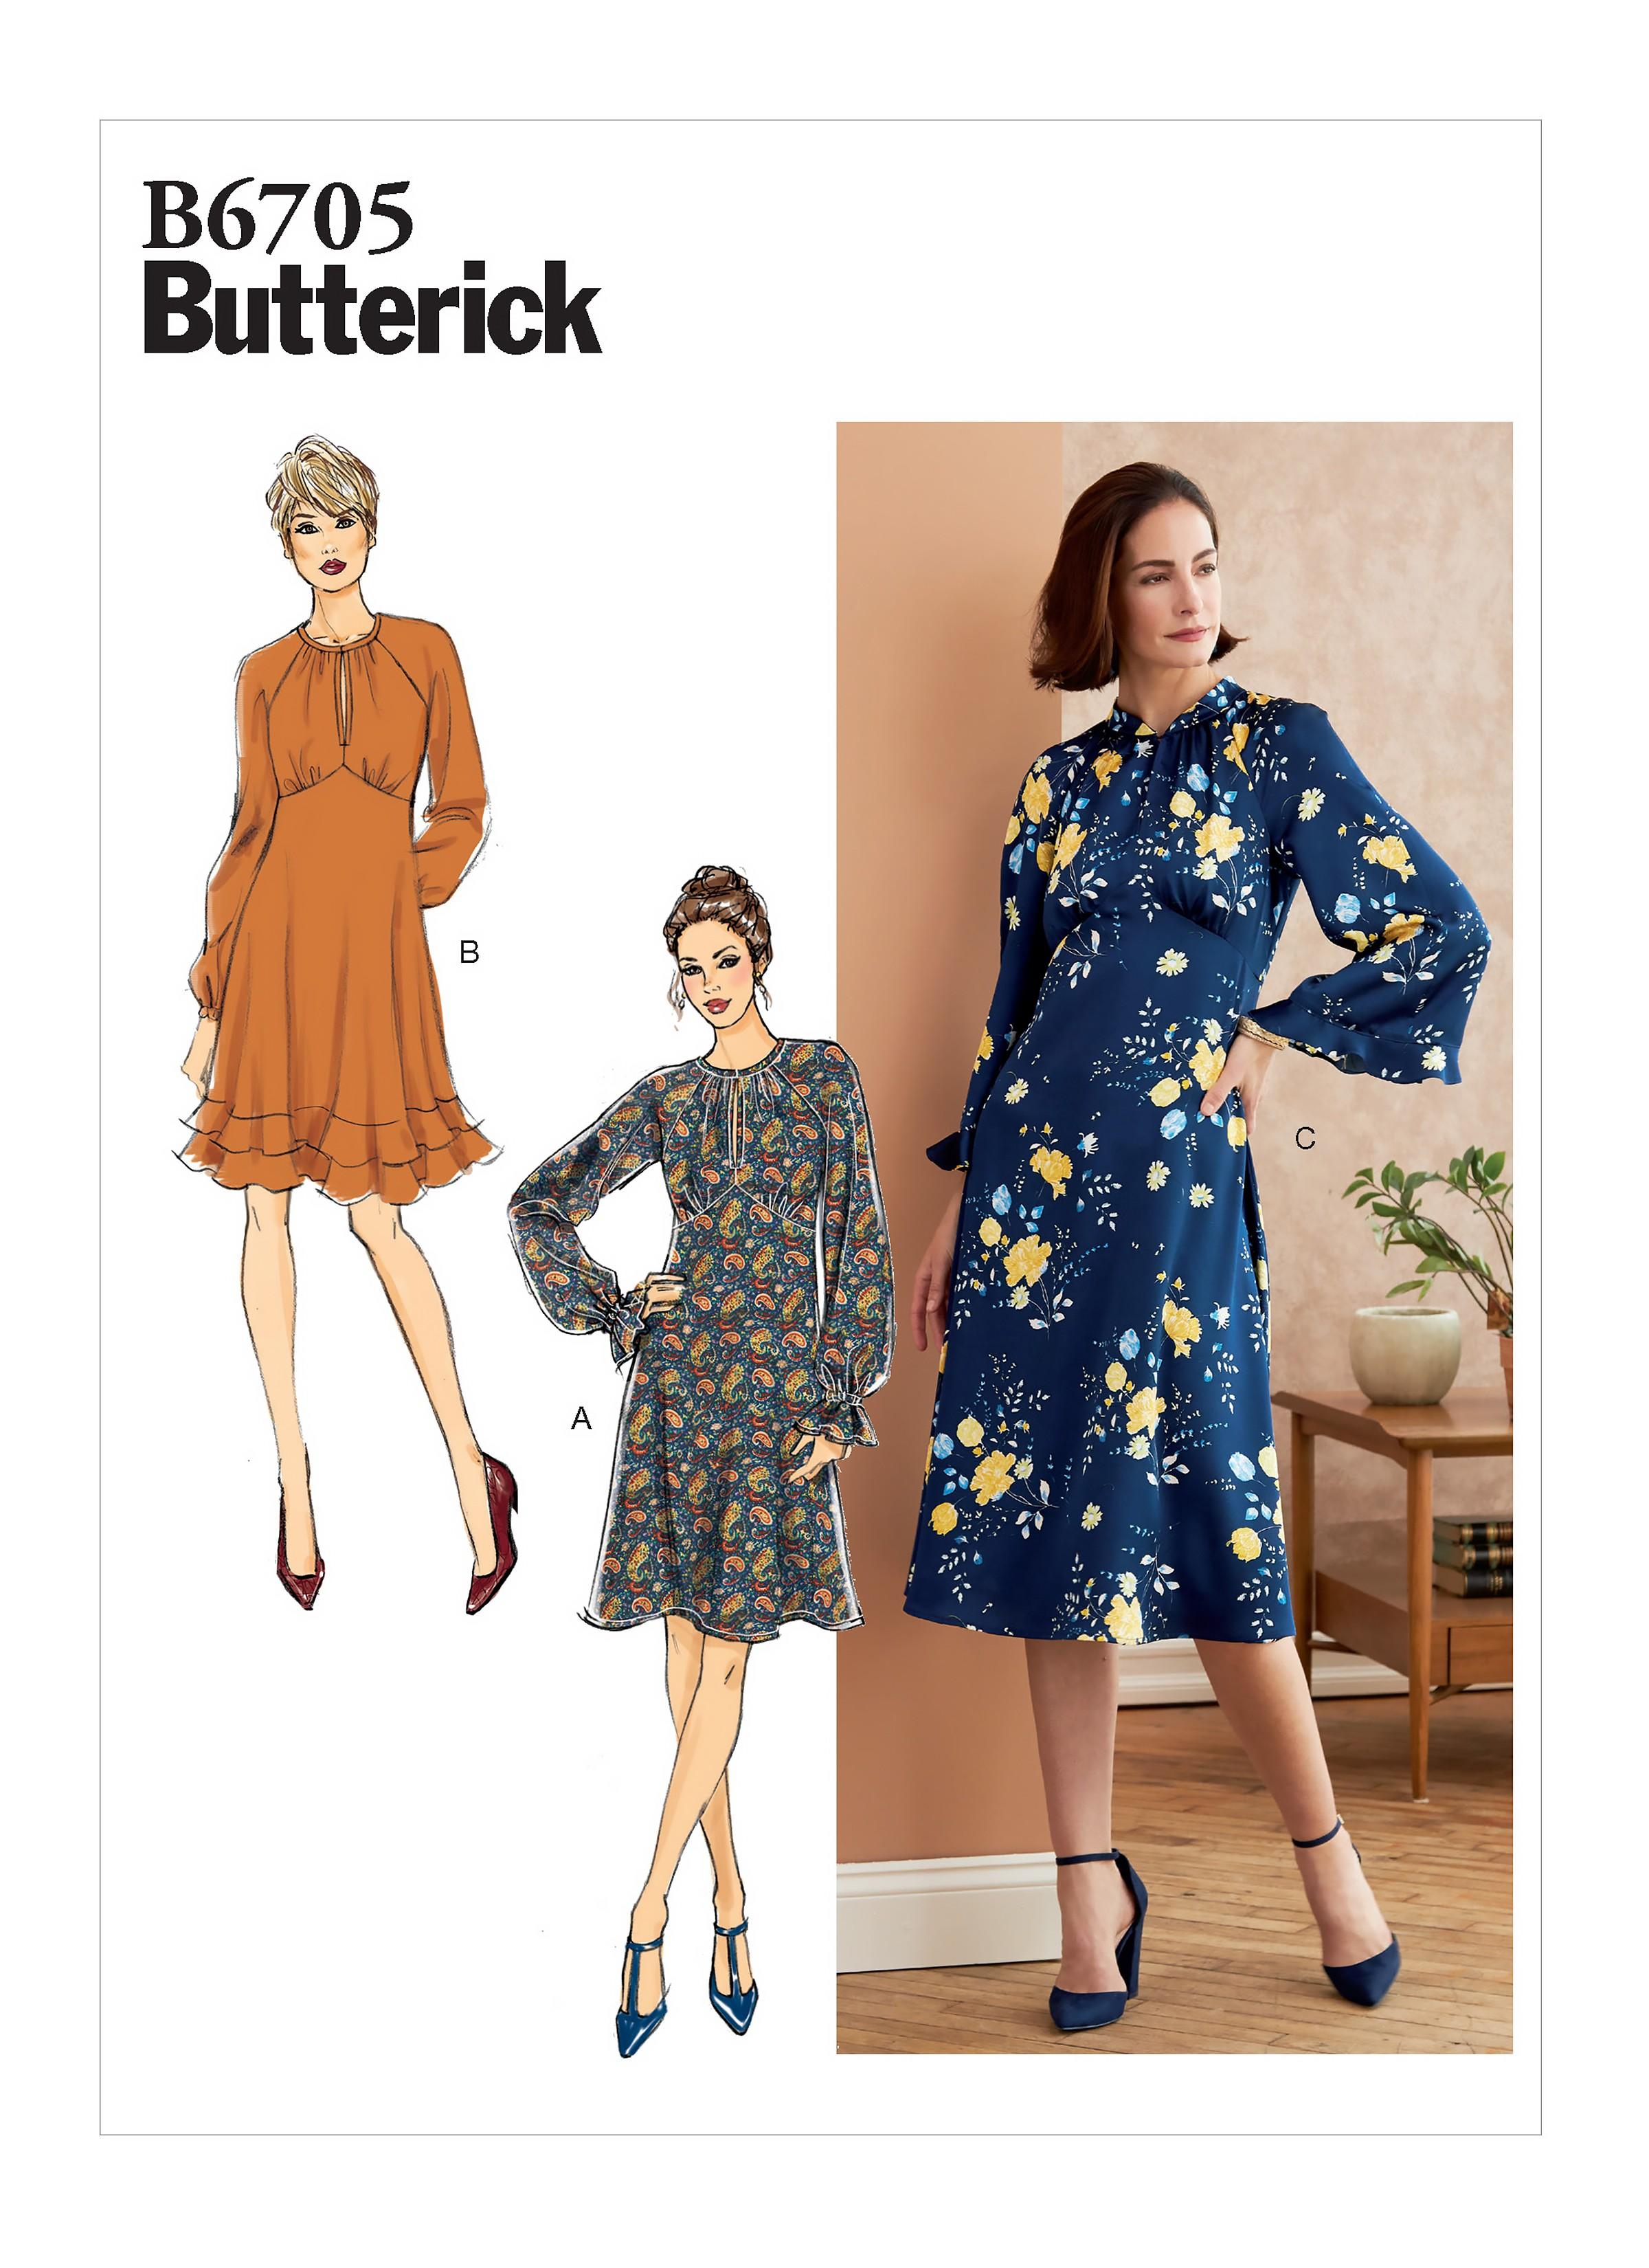 Butterick Sewing Pattern B6705 Women's Dress In Two Lengths